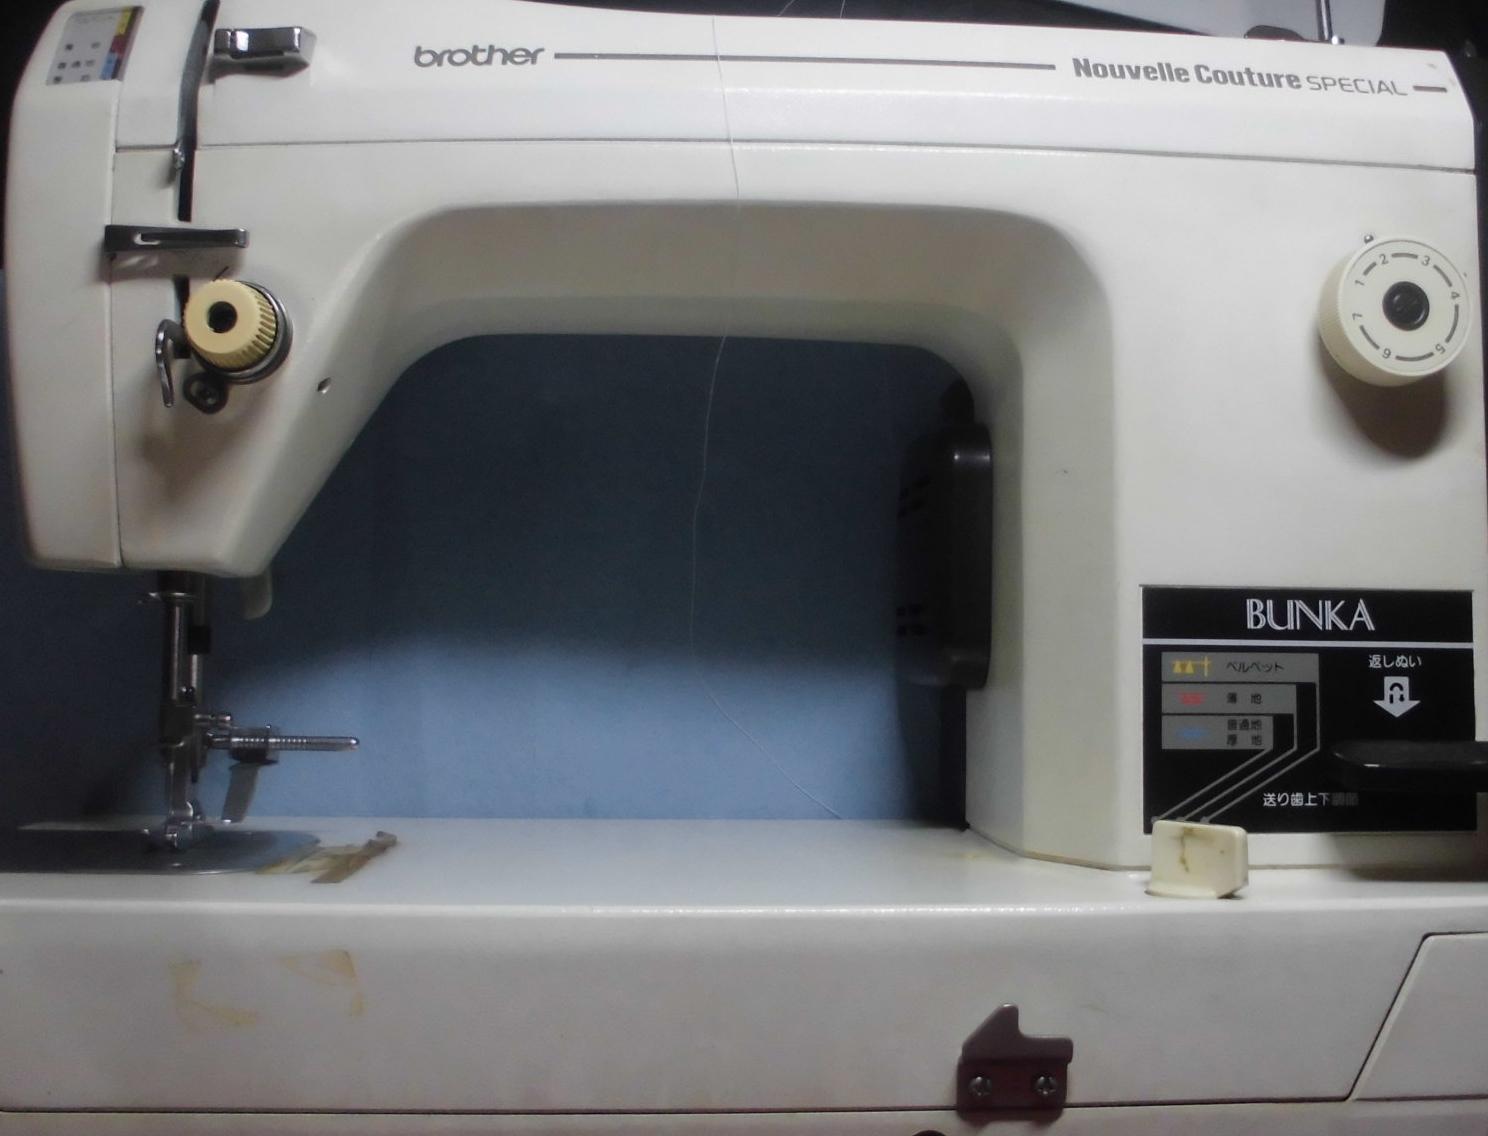 ブラザー職業用ミシンの修理|M727・ヌーベルクチュールスペシャルBUNKA|返し縫い不良